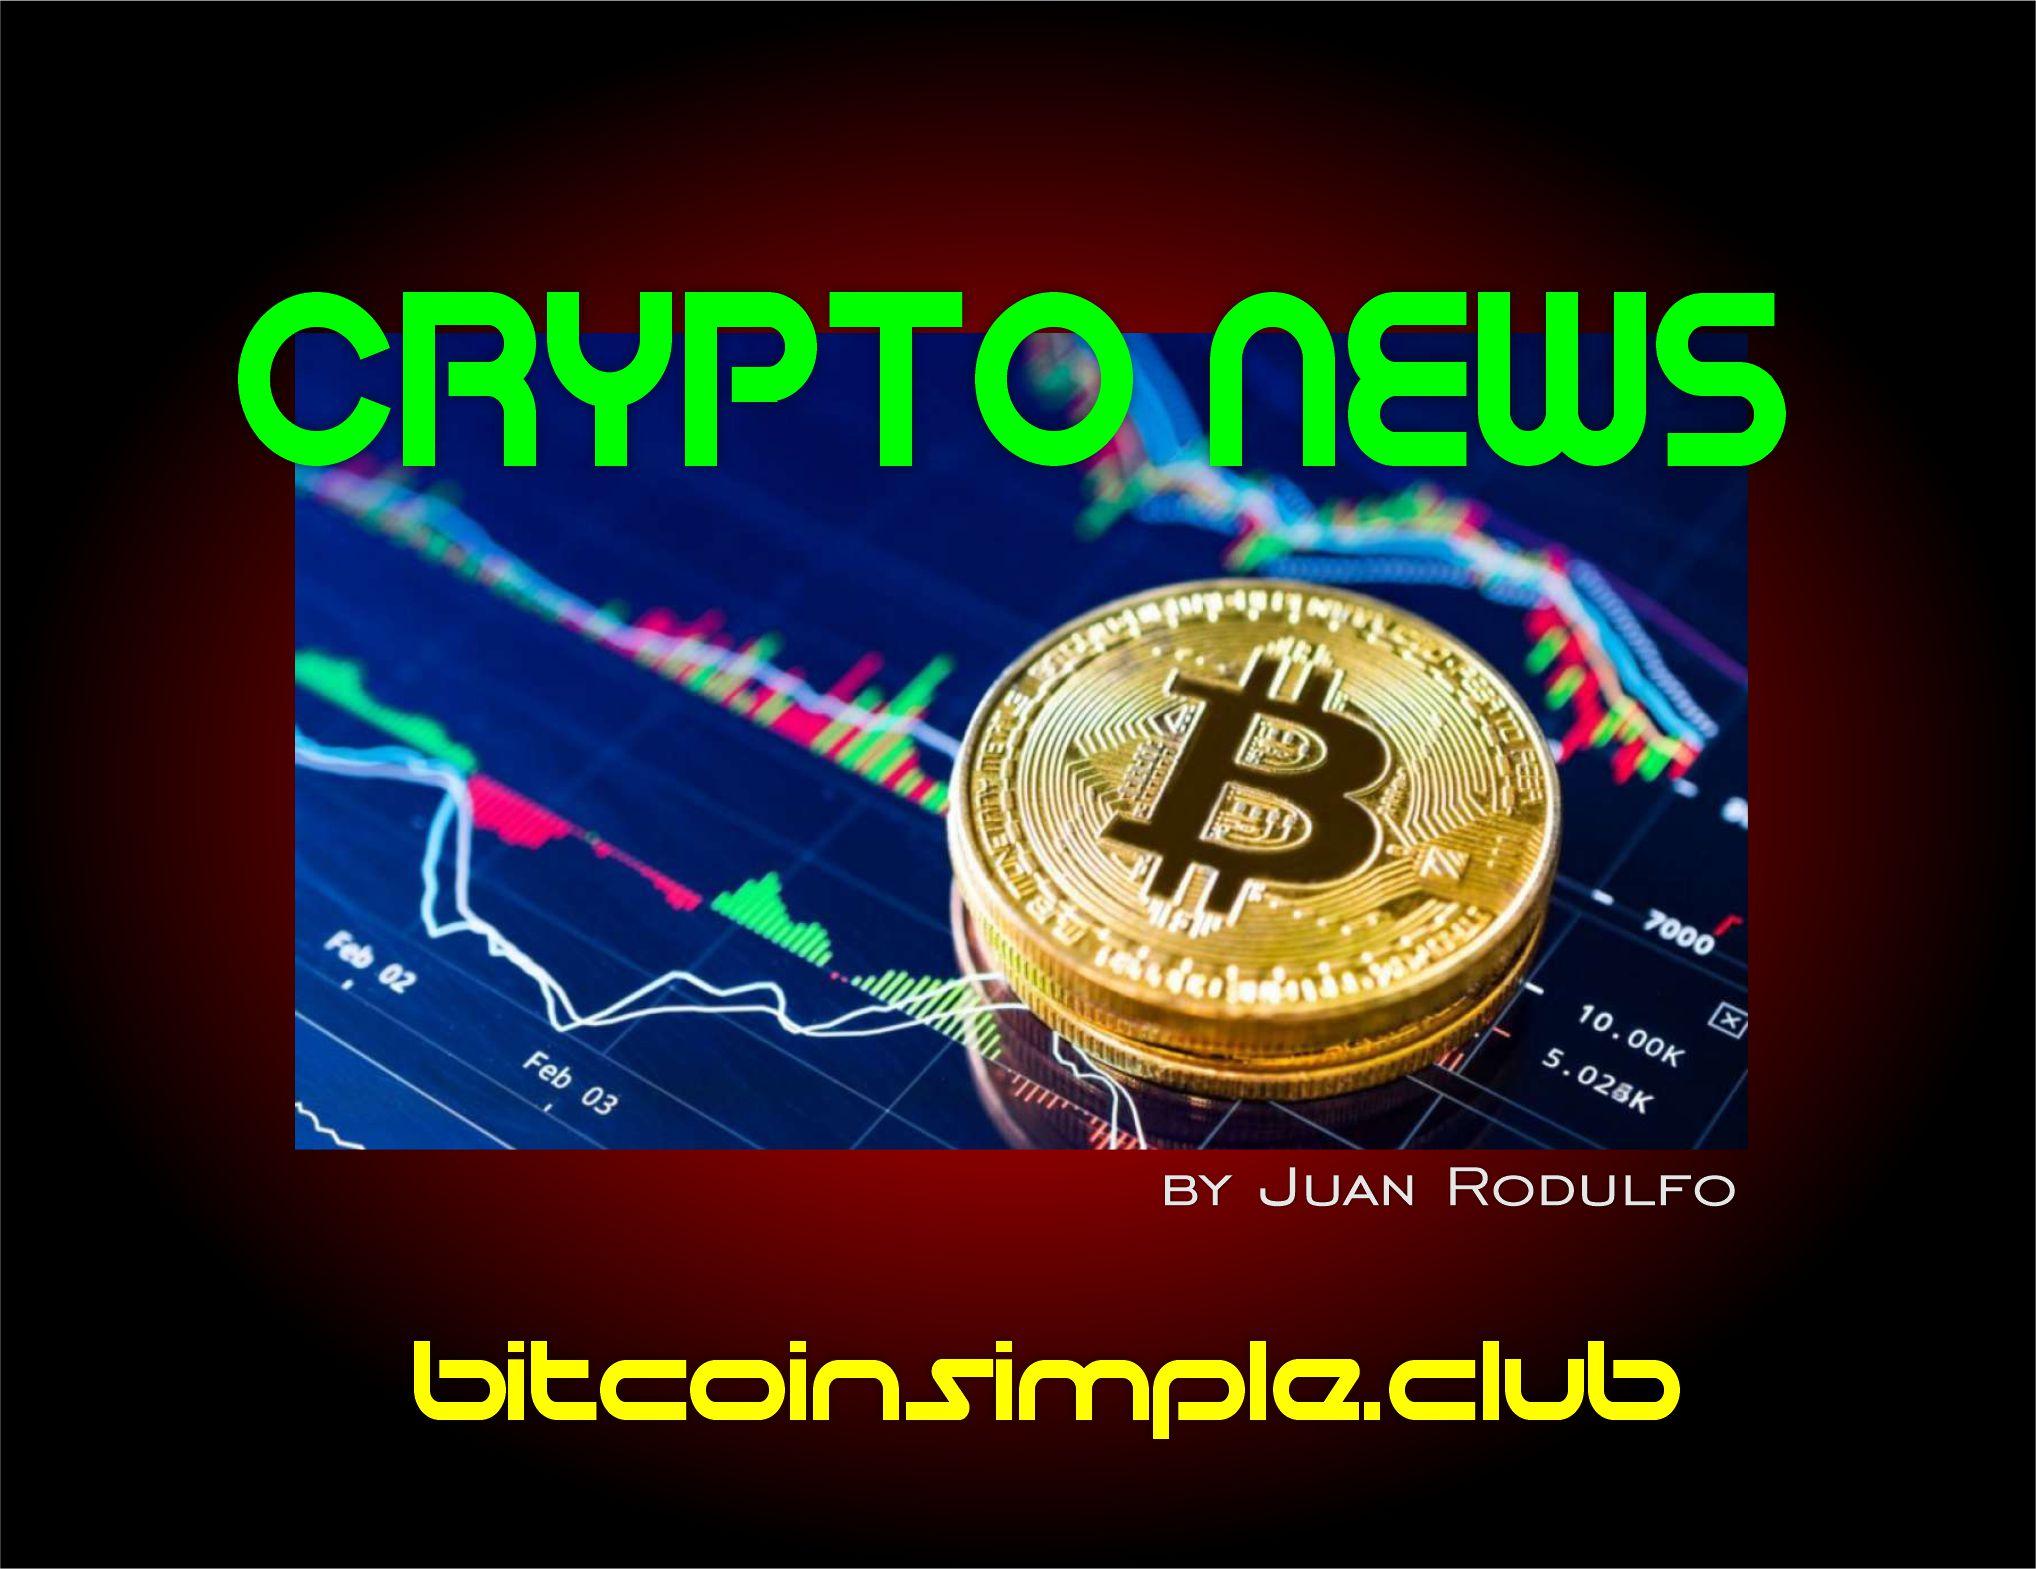 Crypto News by Juan Rodulfo